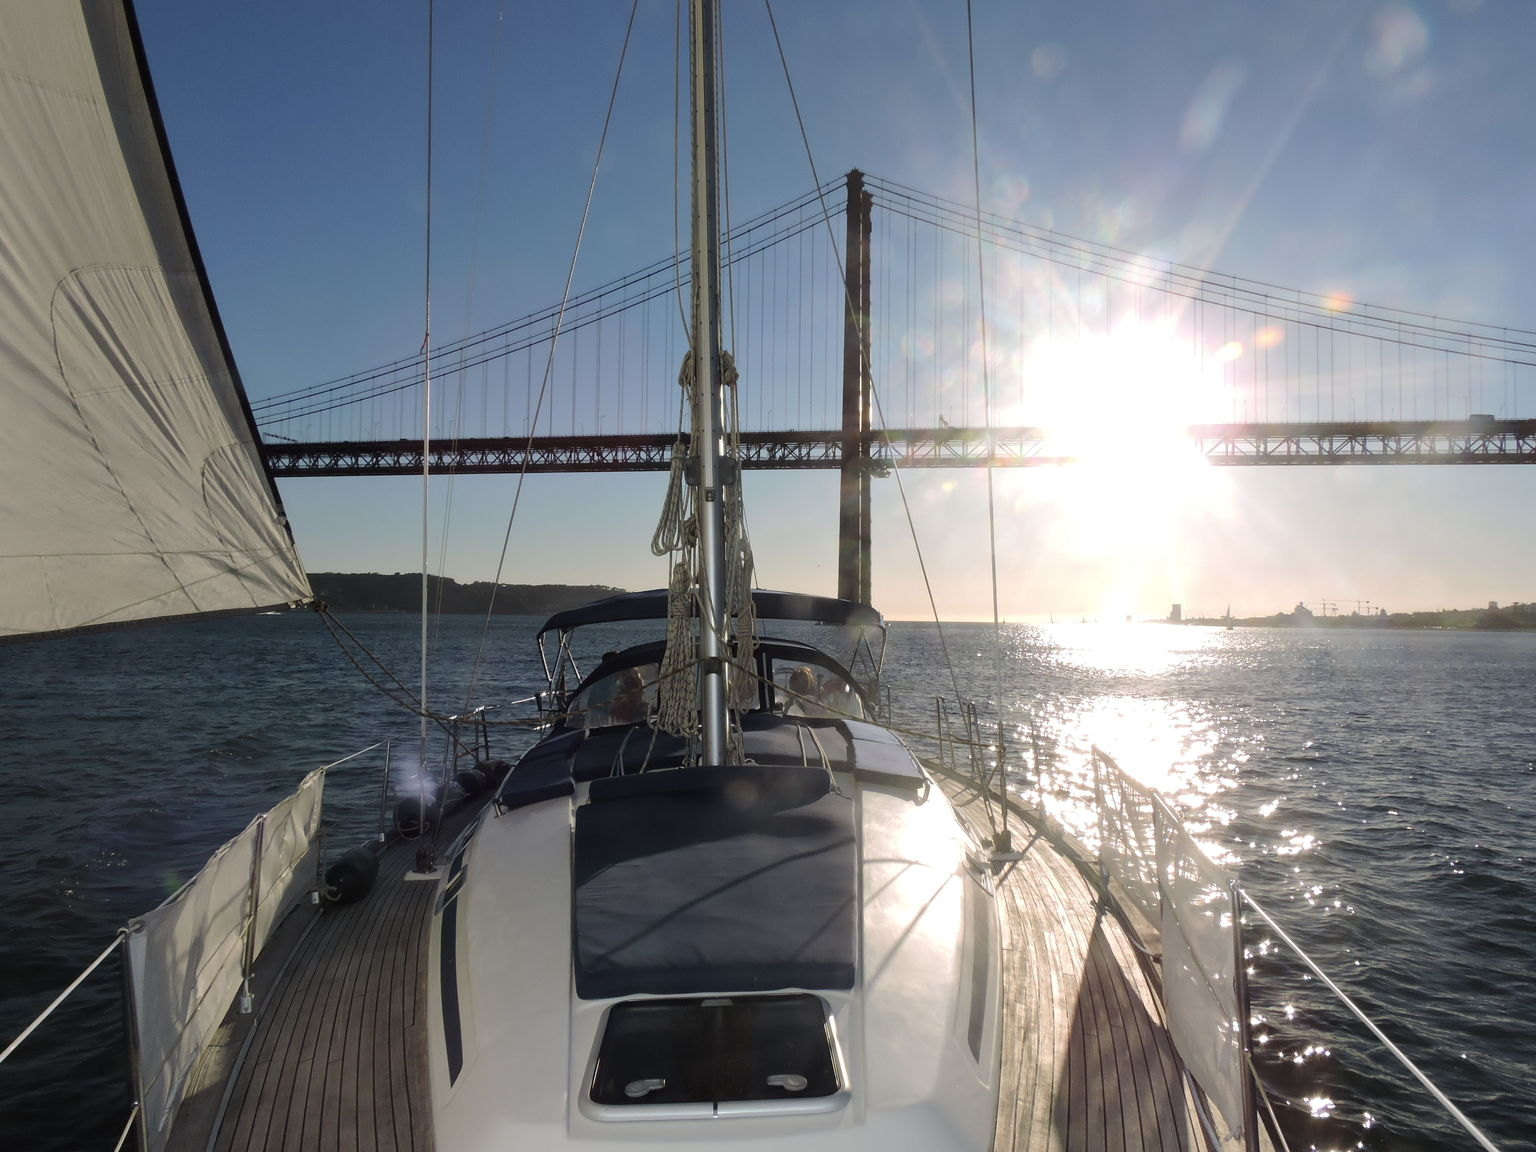 MÁS FOTOS, Excursión privada: Crucero al atardecer en el río Tajo en Lisboa